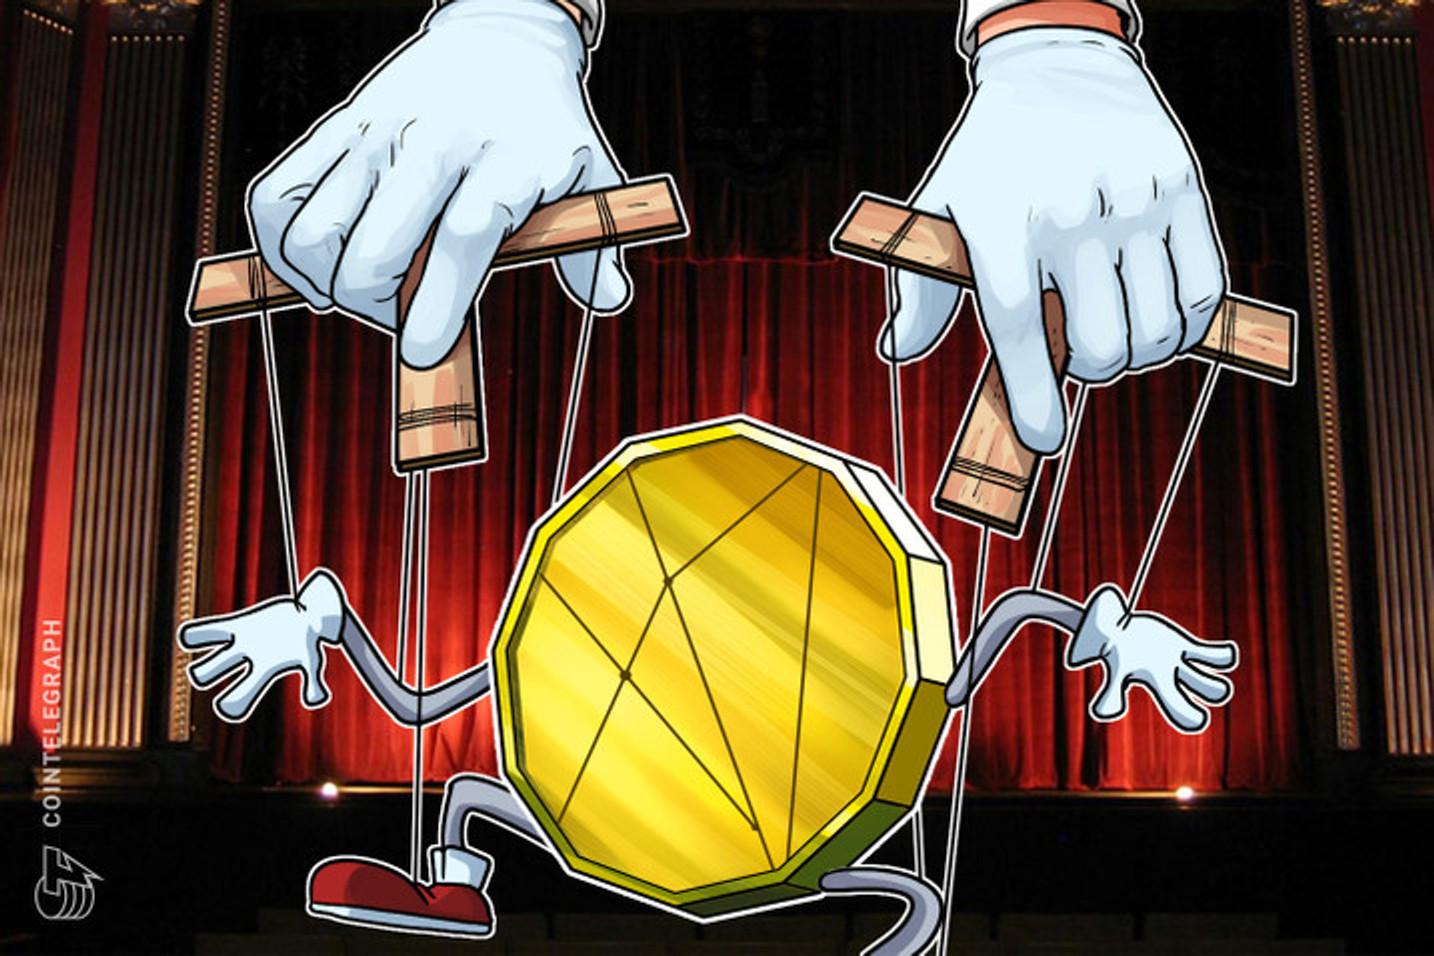 Especialistas brasileiros comentam se o preço do Bitcoin vai subir ou cair daqui para frente